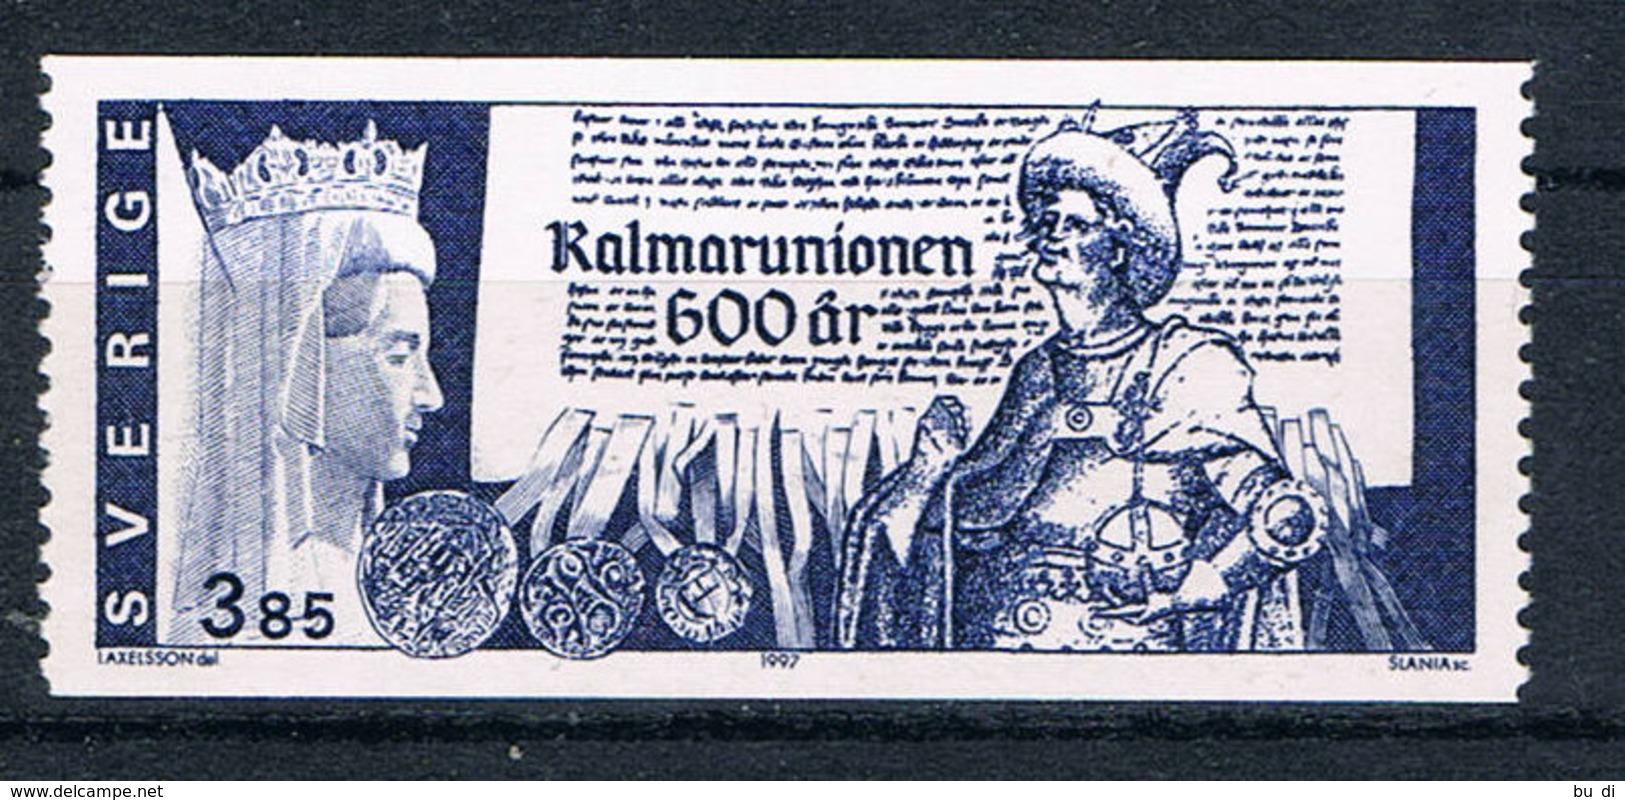 Schweden 1987 - Union Von Kalmar, Königin Margrethe, König Albrecht - History, Geschichte, Siegel - Schweden